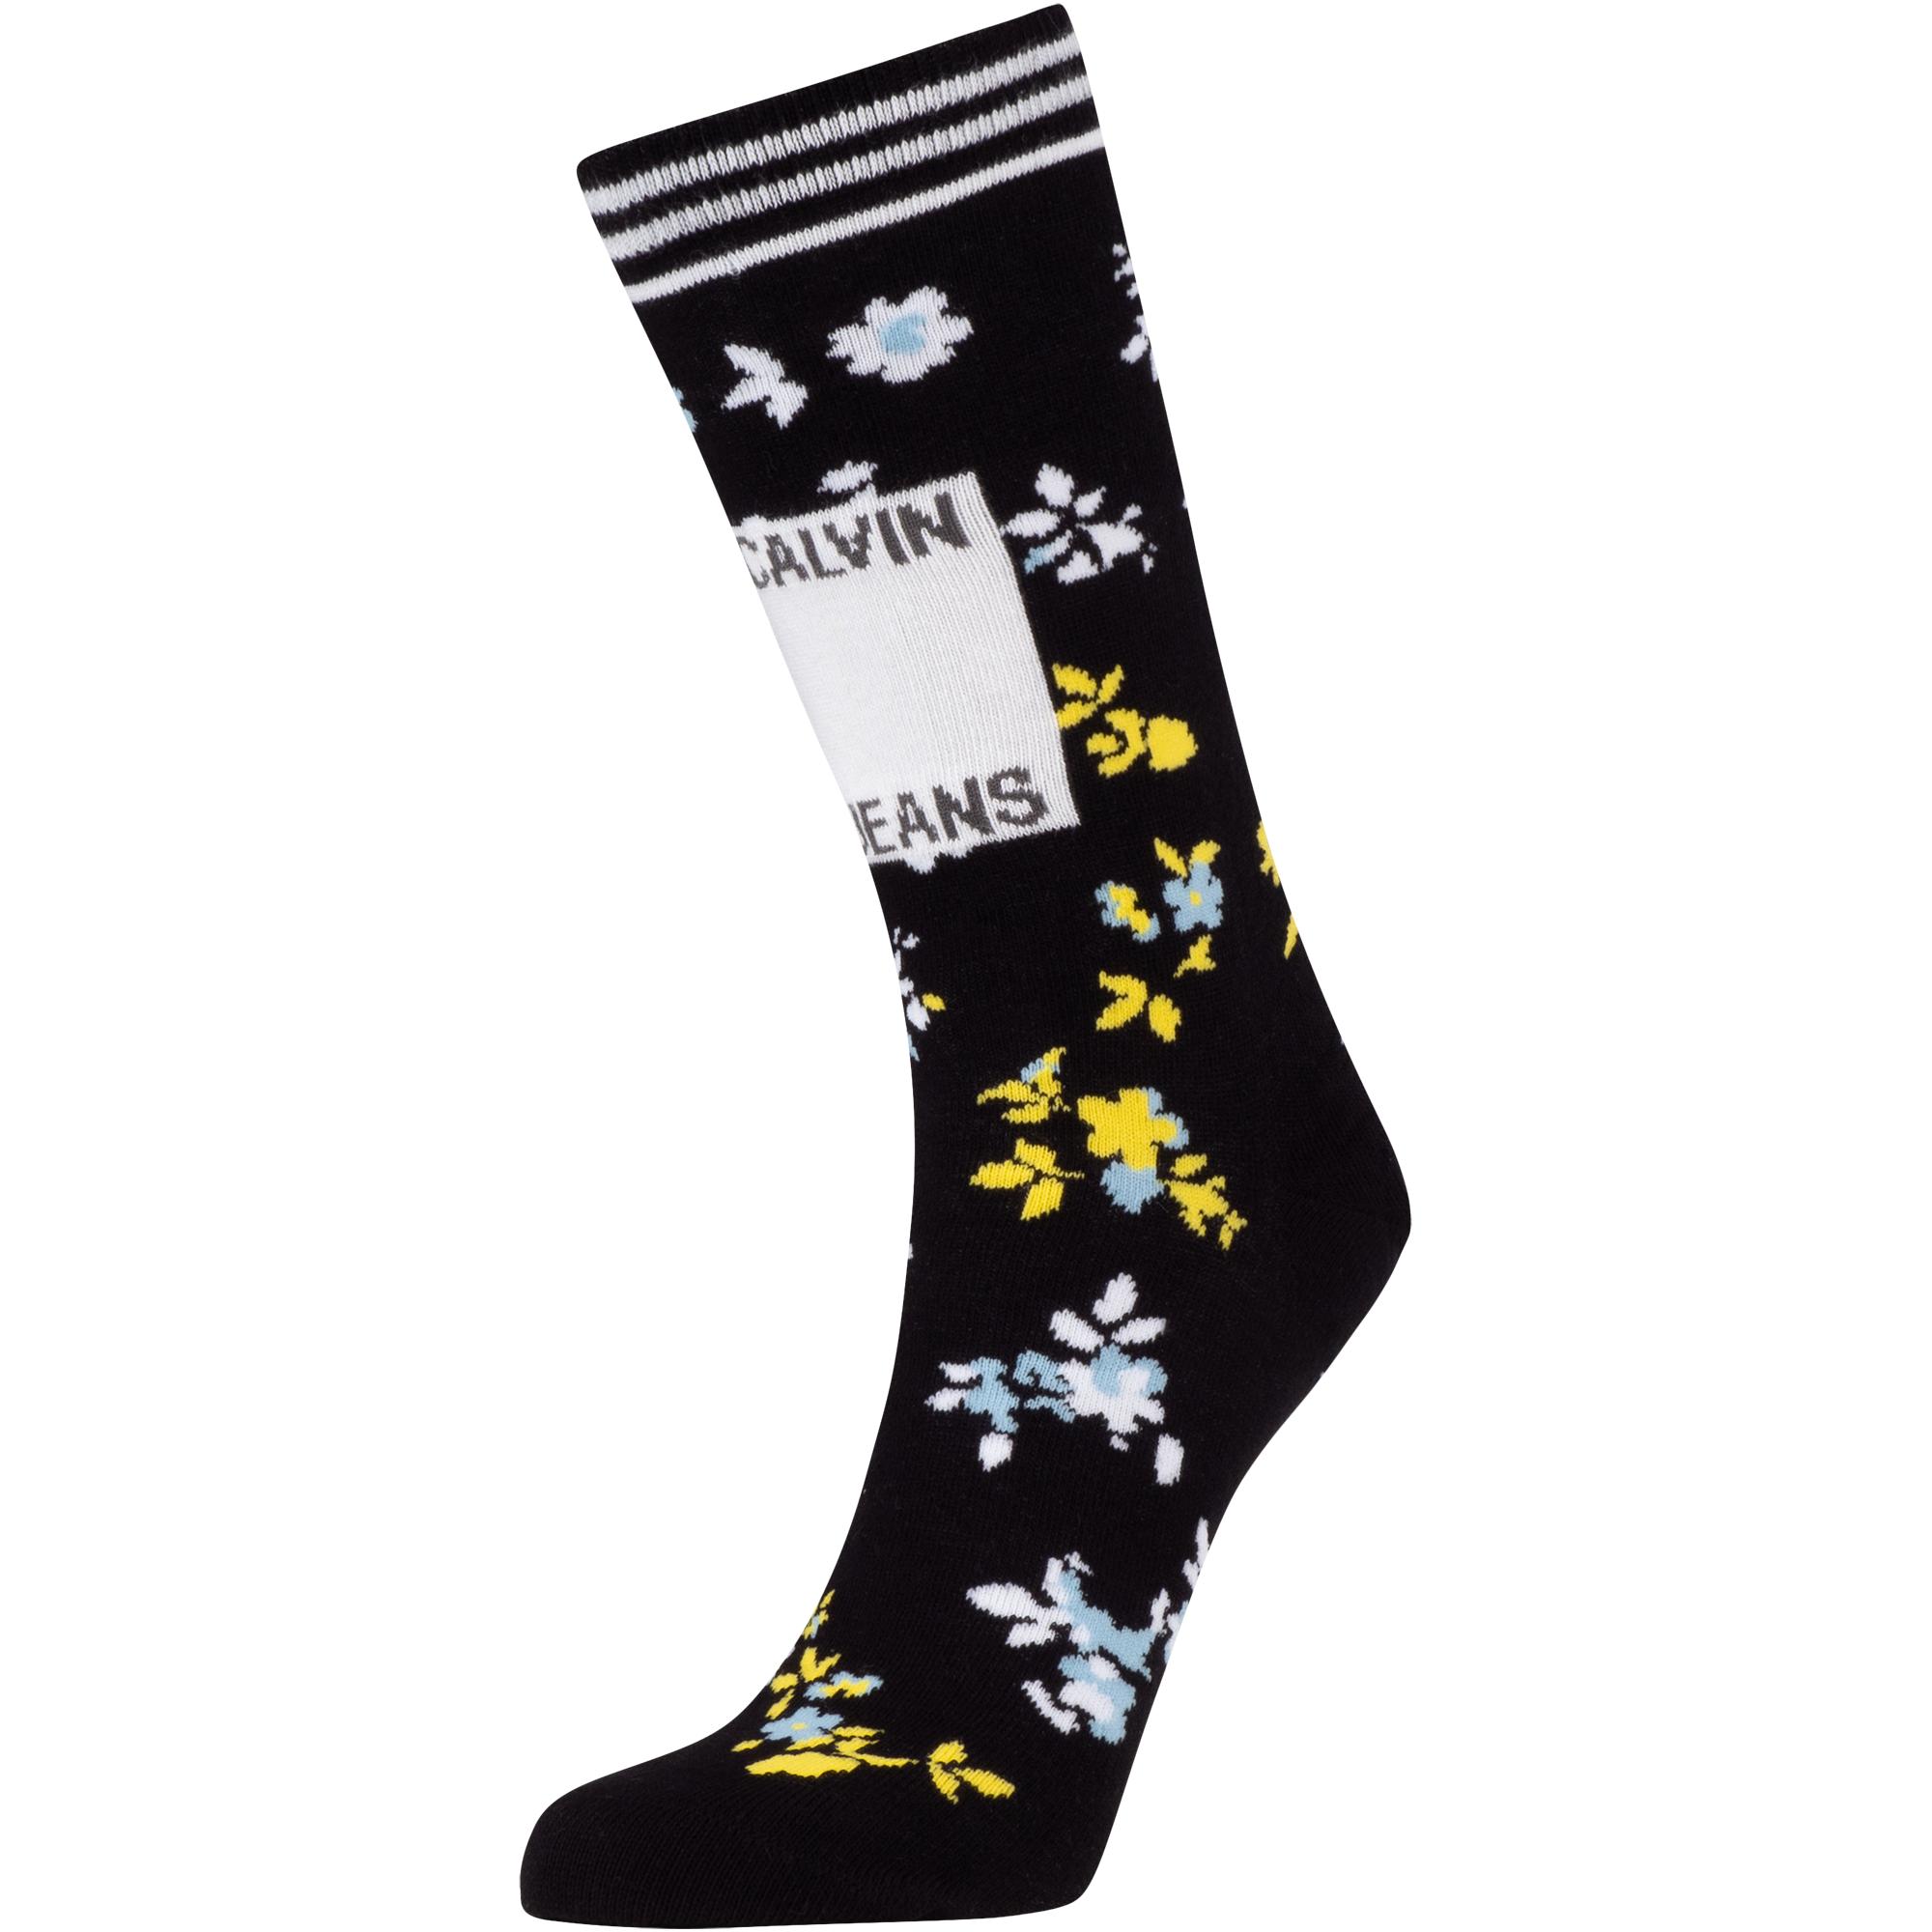 Calvin Bryant Floral Crew, sokker unisex